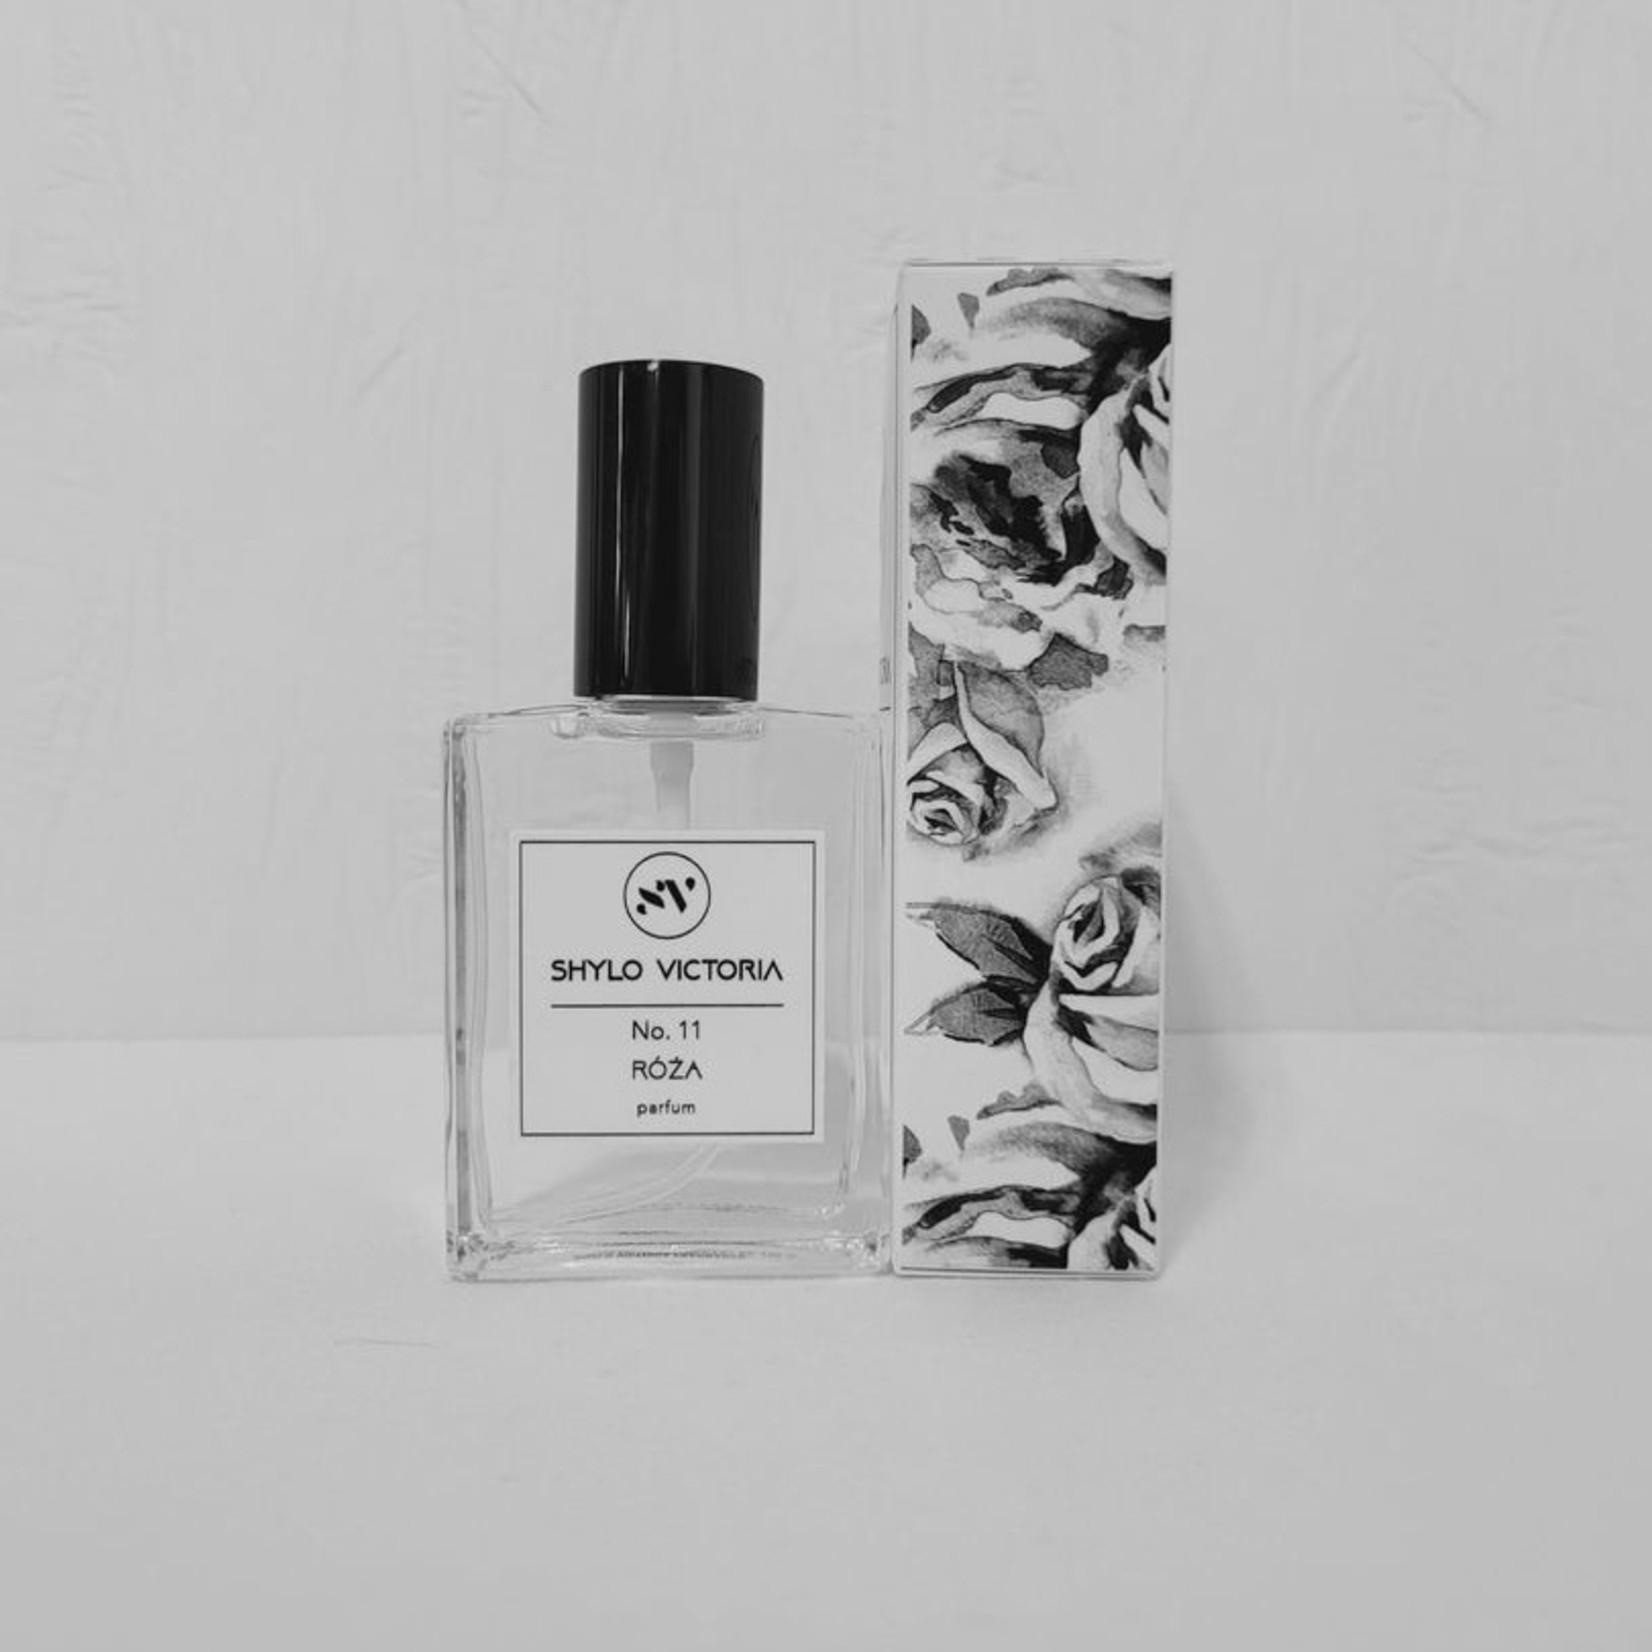 Shylo Victoria Shylo Victoria Perfume Limited Edition